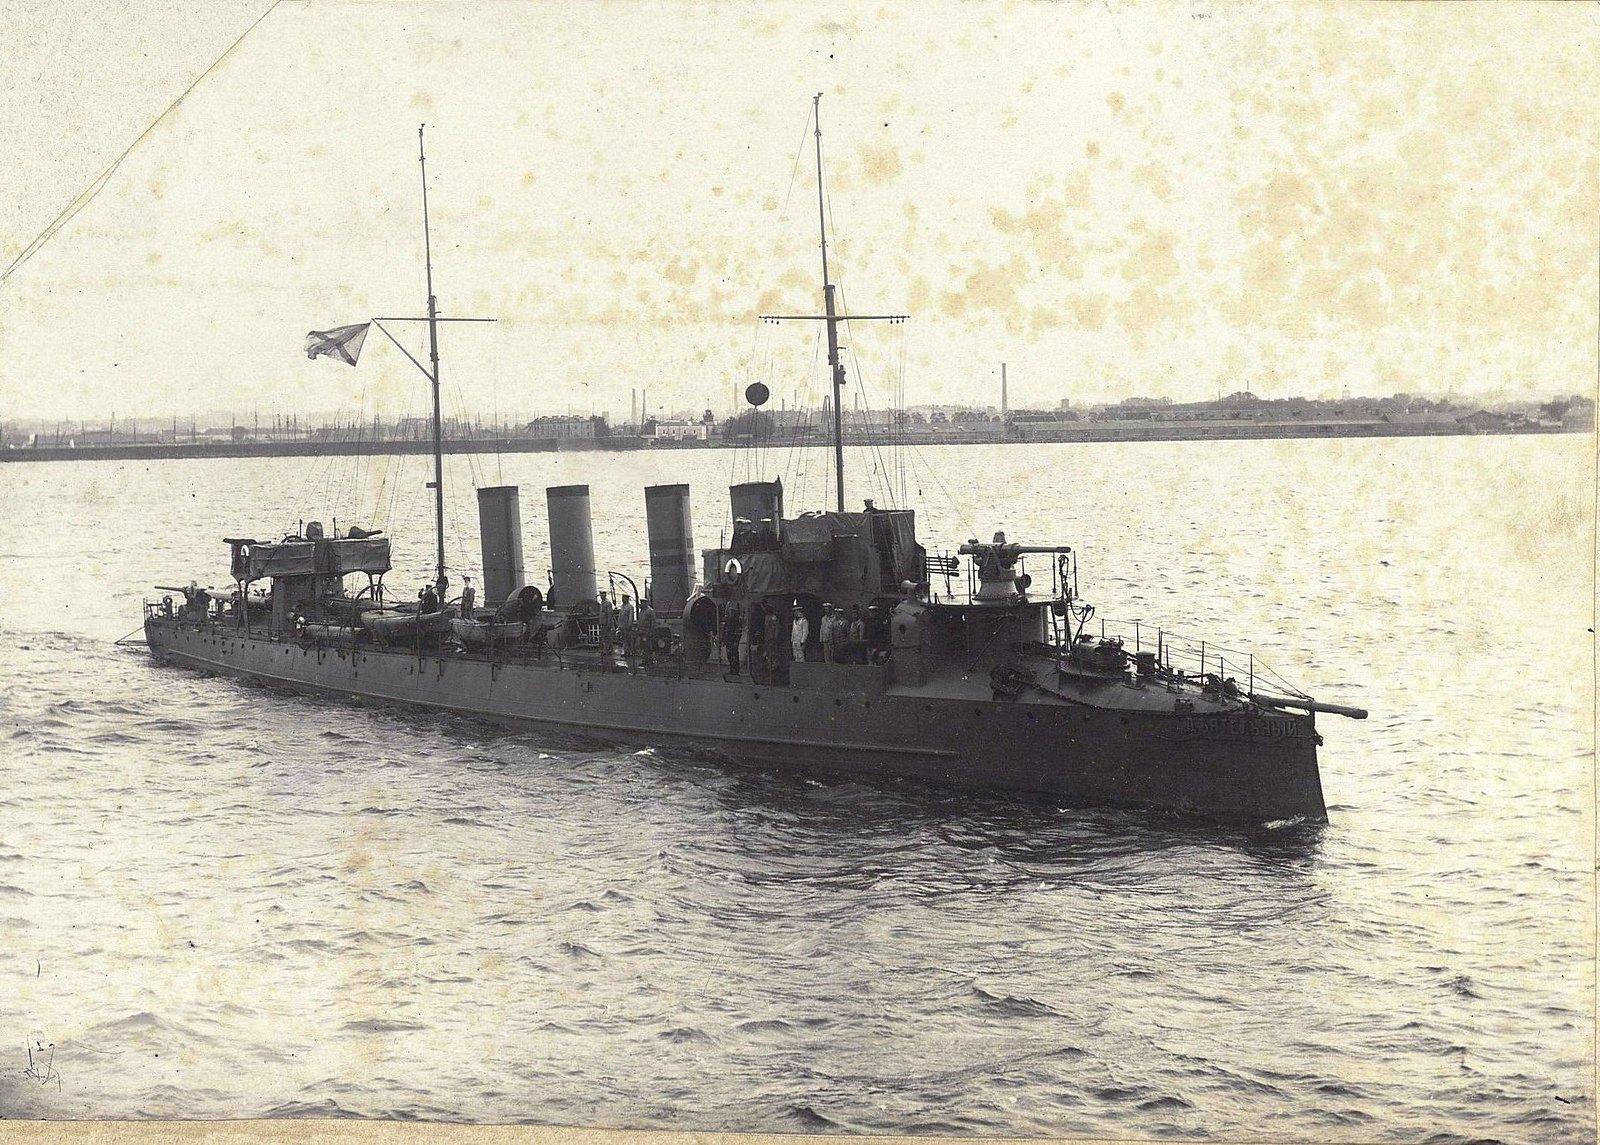 Крейсер «Деятельный» в море недалеко от берега